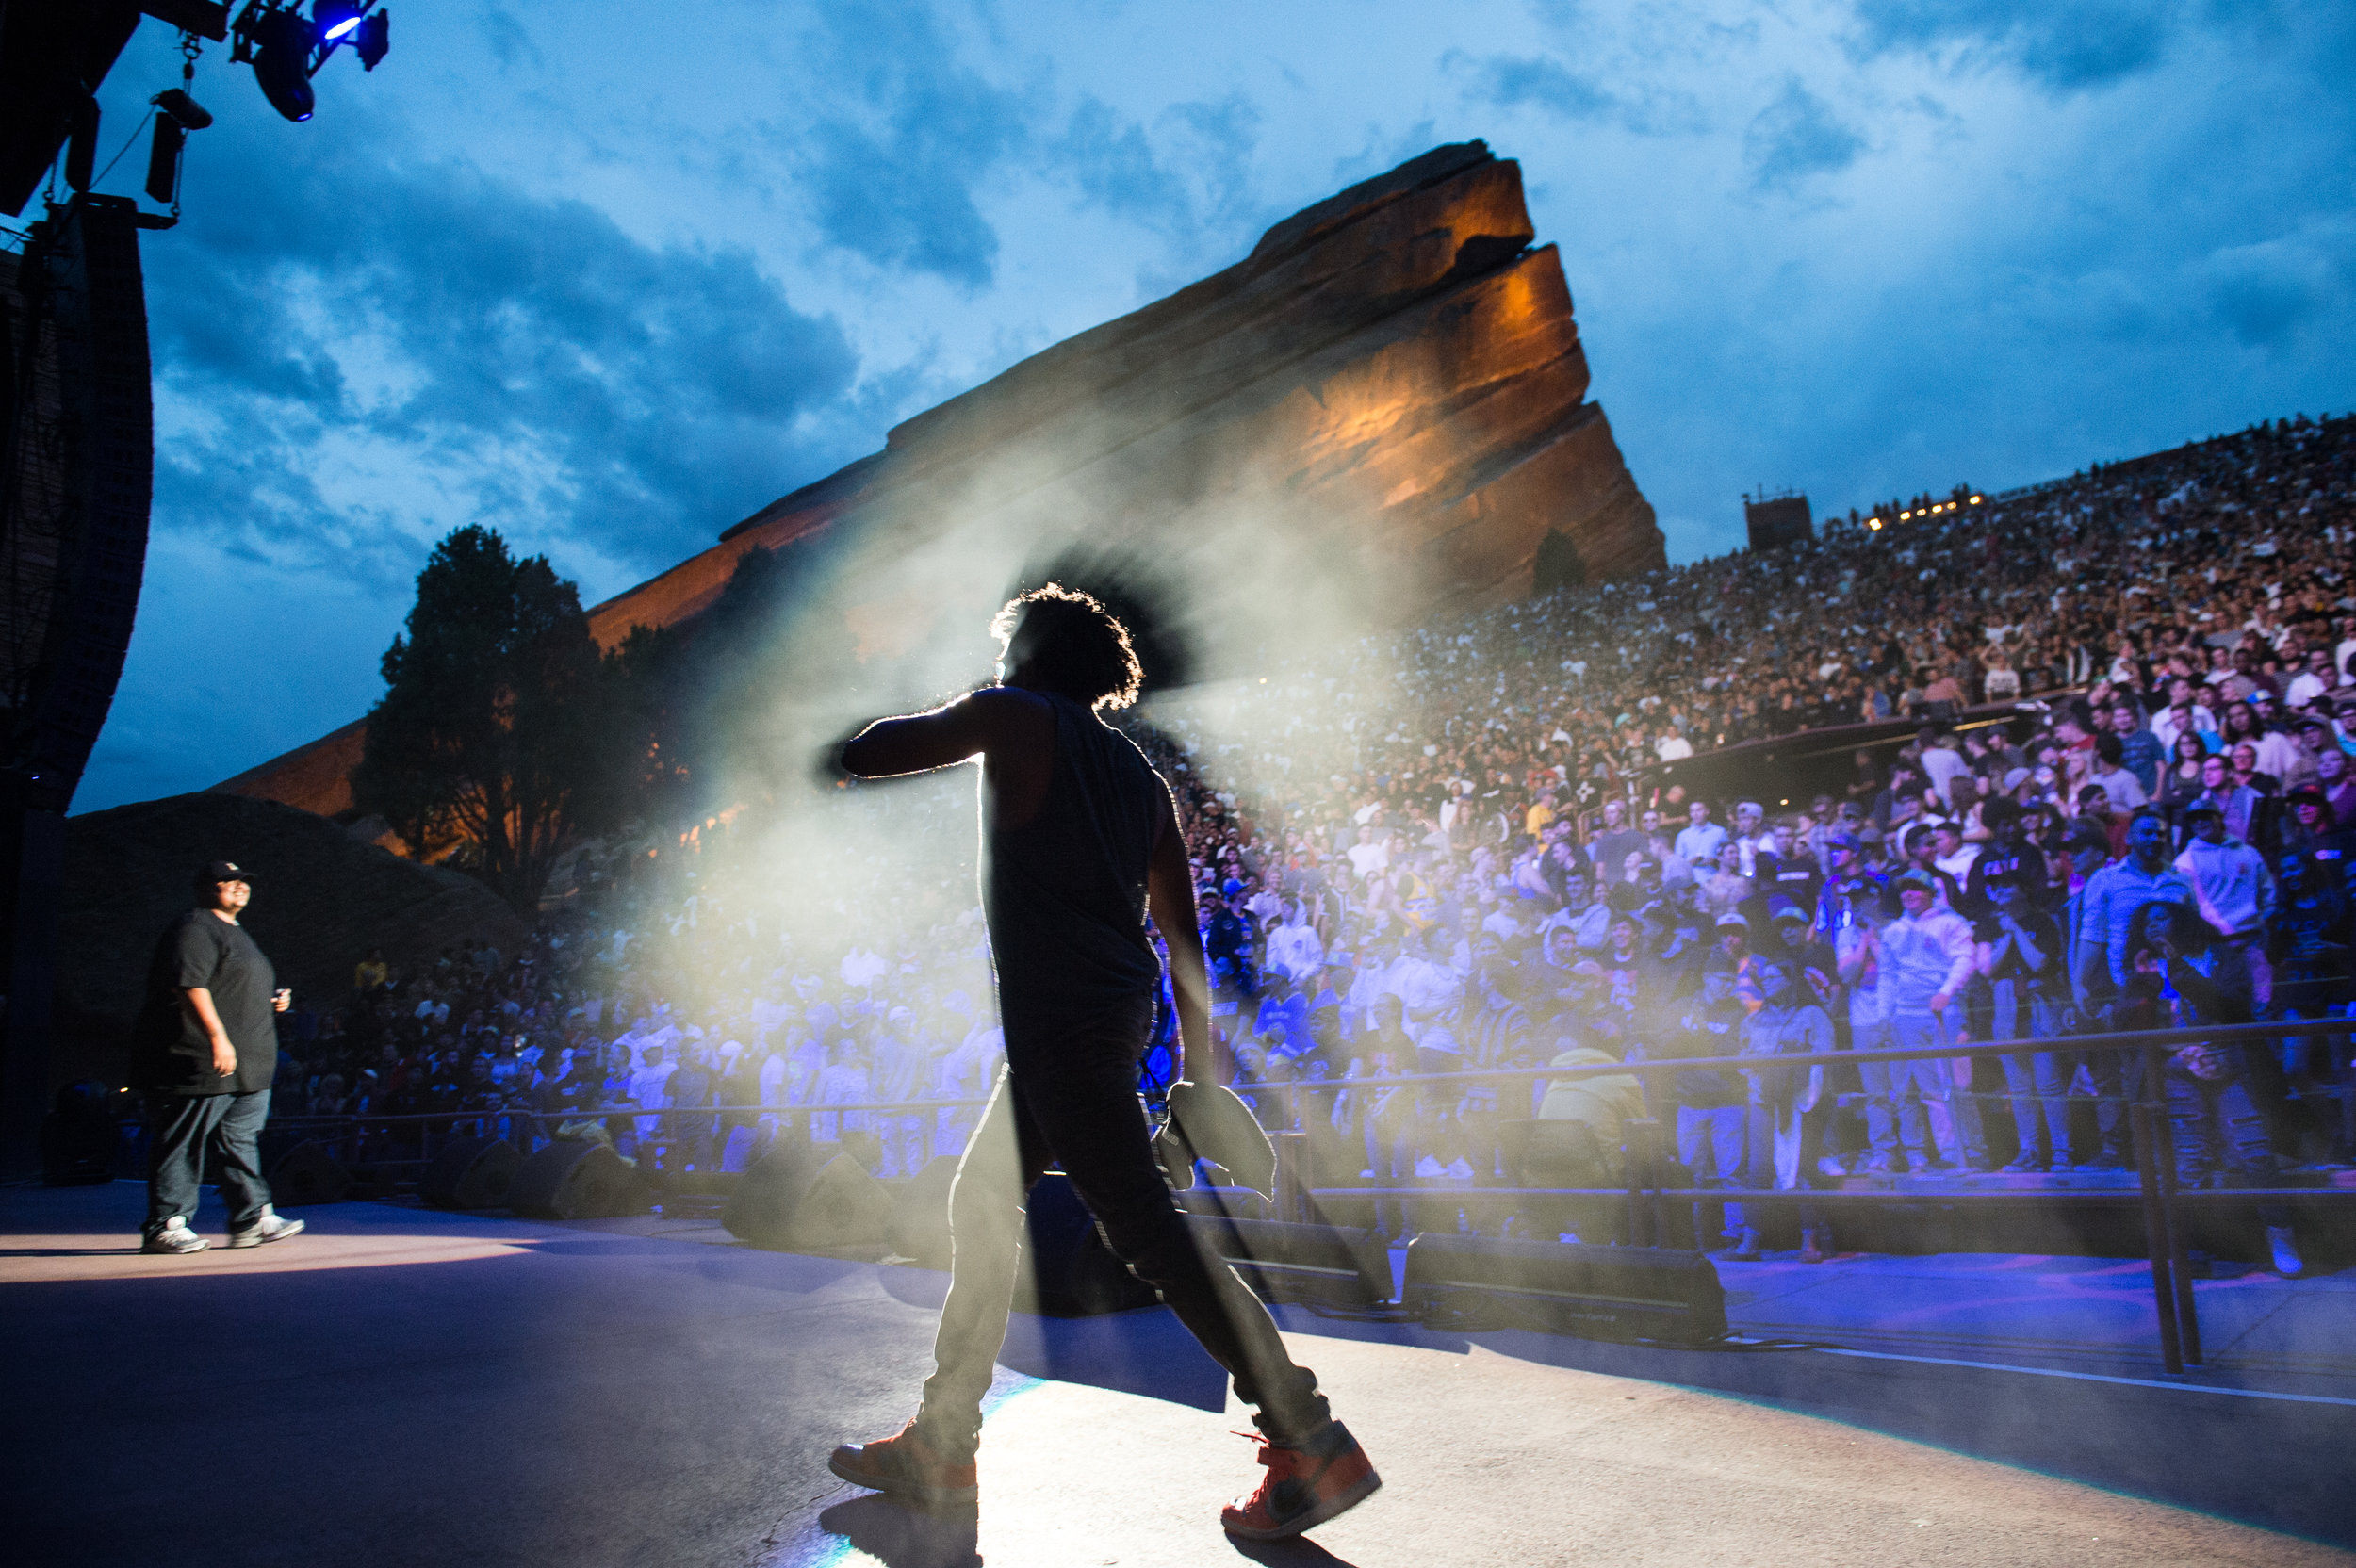 Damian Lemar Hudson performing at Red Rocks